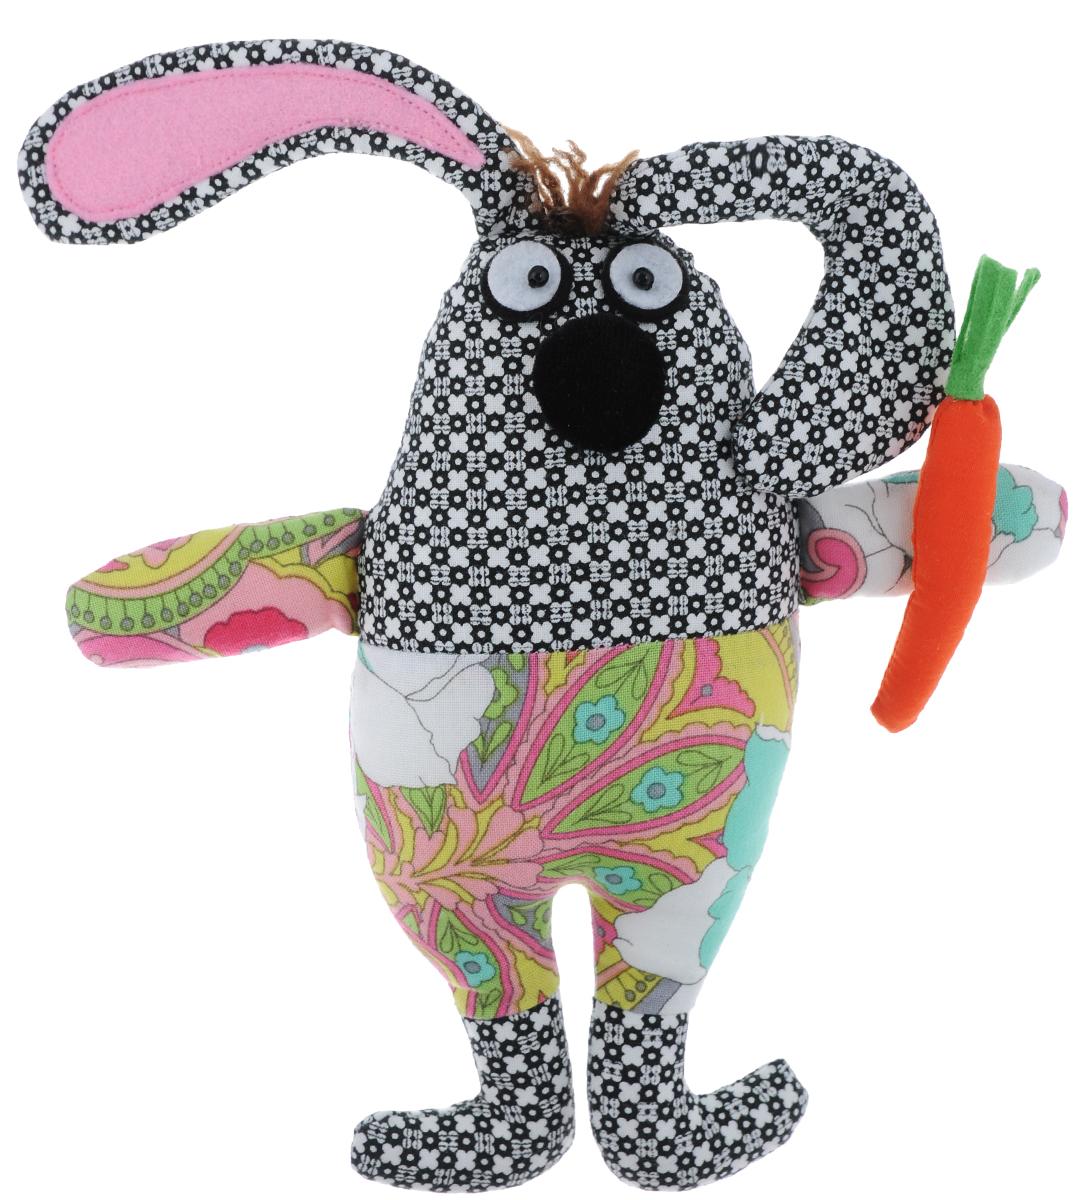 Декоративное украшение на кнопке RTO Игрушка. Зайка, высота 21 смSTA-01Декоративное украшение RTO Игрушка. Зайка выполнено в виде забавного зайца с морковкой. Изделие изготовлено из высококачественного хлопка и полиэстера (наполнитель) и снабжено пластиковой пришивной кнопкой. Вы можете пришить кнопку к декоративной подушке, покрывалу, детскому коврику, и любимая игрушка всегда будет на месте. При желании ребенок сможет без труда отстегнуть фигурку и весело провести время со своим игрушечным другом. Такое декоративное украшение гармонично сочетается с разными стилями интерьера детской комнаты. Объемная фигурка в ярком контрастном исполнении привлекает к себе внимание. Станет прекрасным подарком и незаменимым аксессуаром для яркой и творческой личности. Диаметр кнопки: 1,2 см.